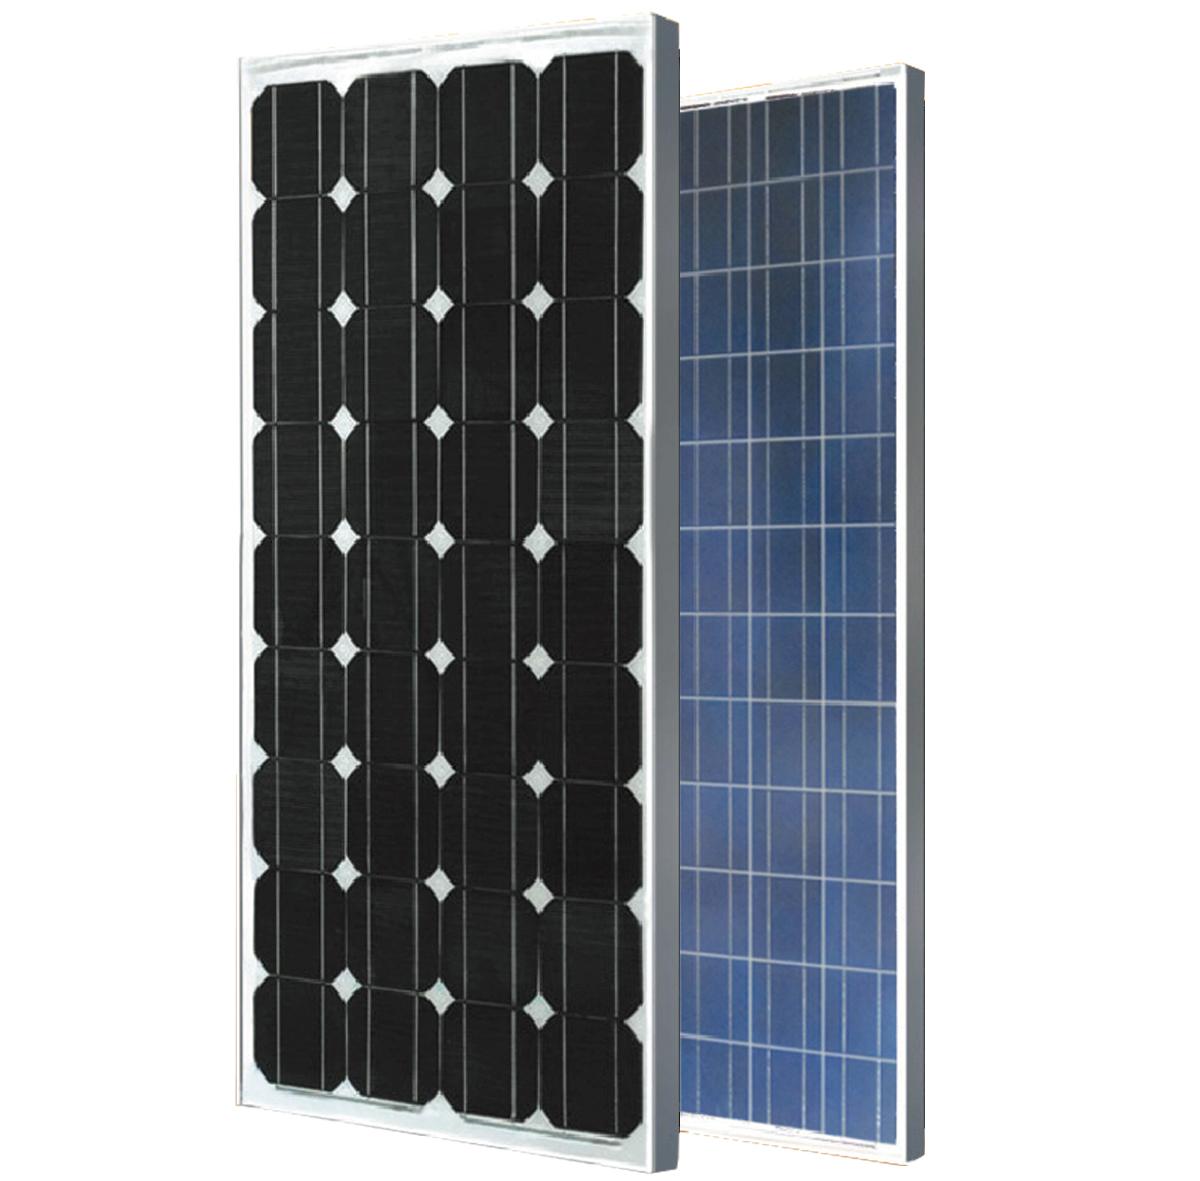 接线盒:太阳能电池组件接线盒在太阳能组件的组成中